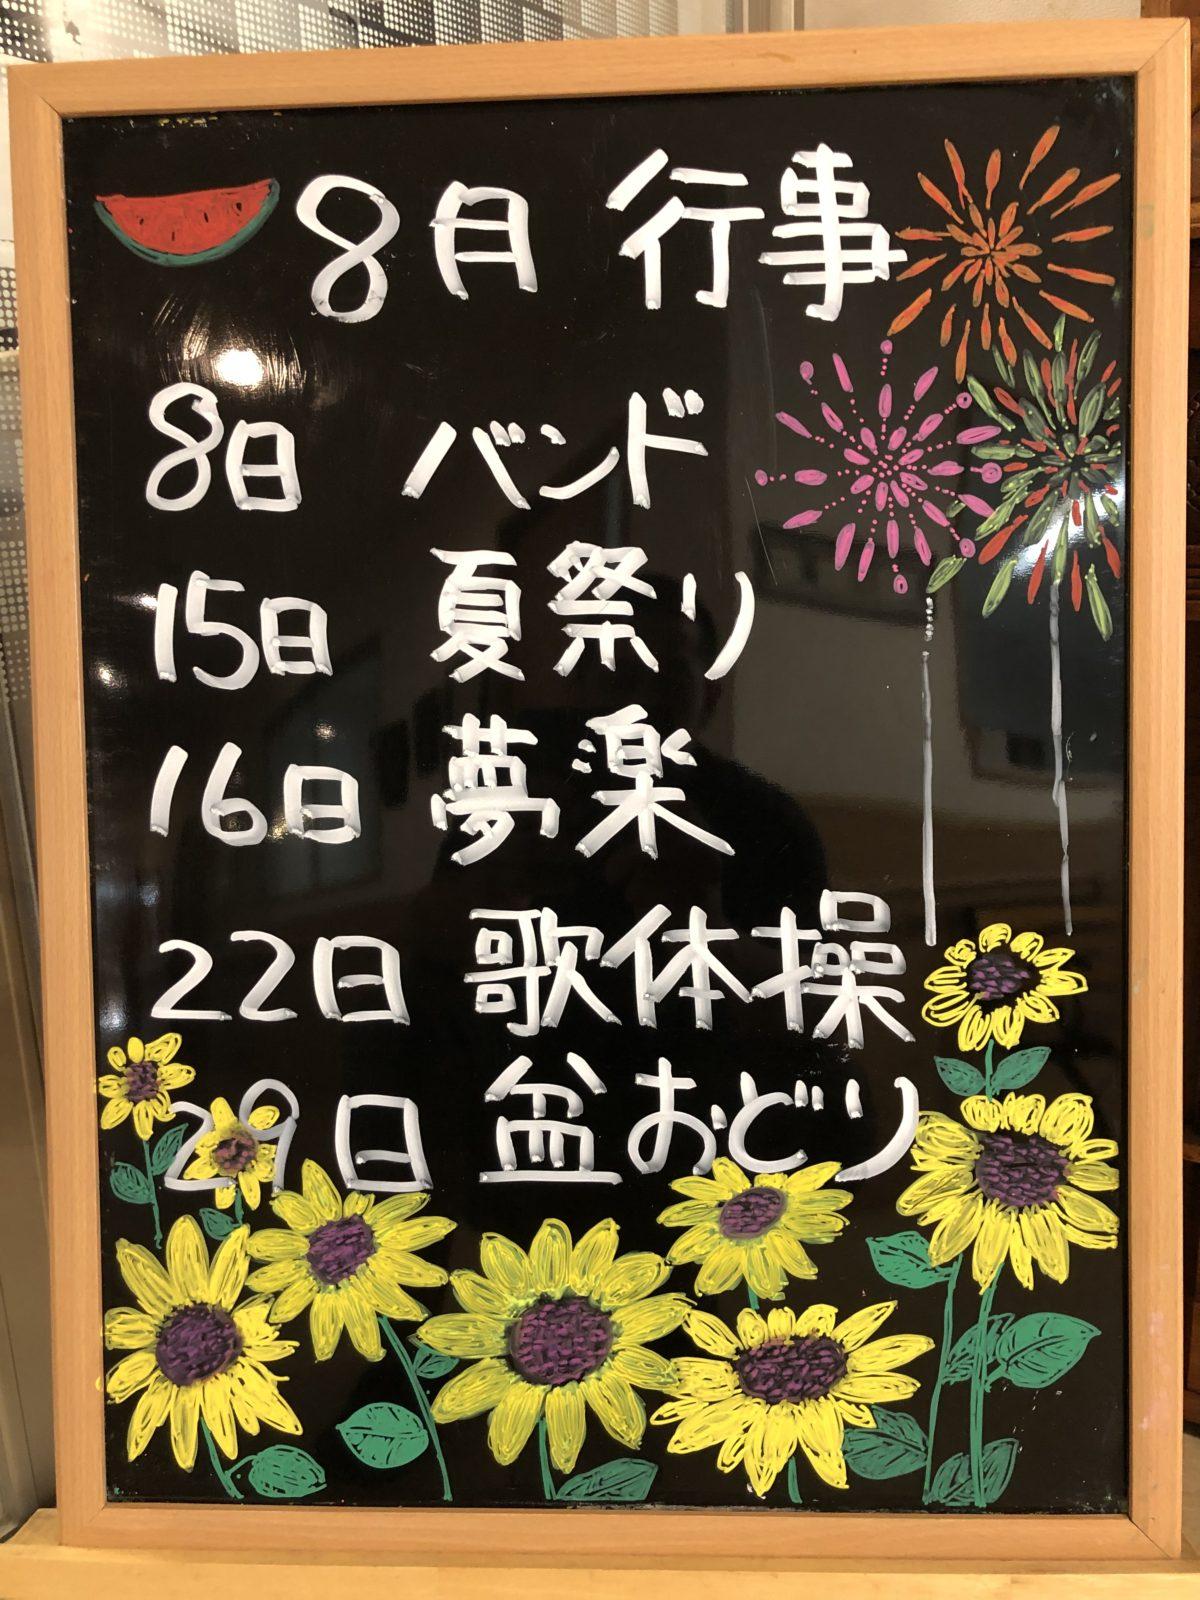 【門真】8月イベント予定